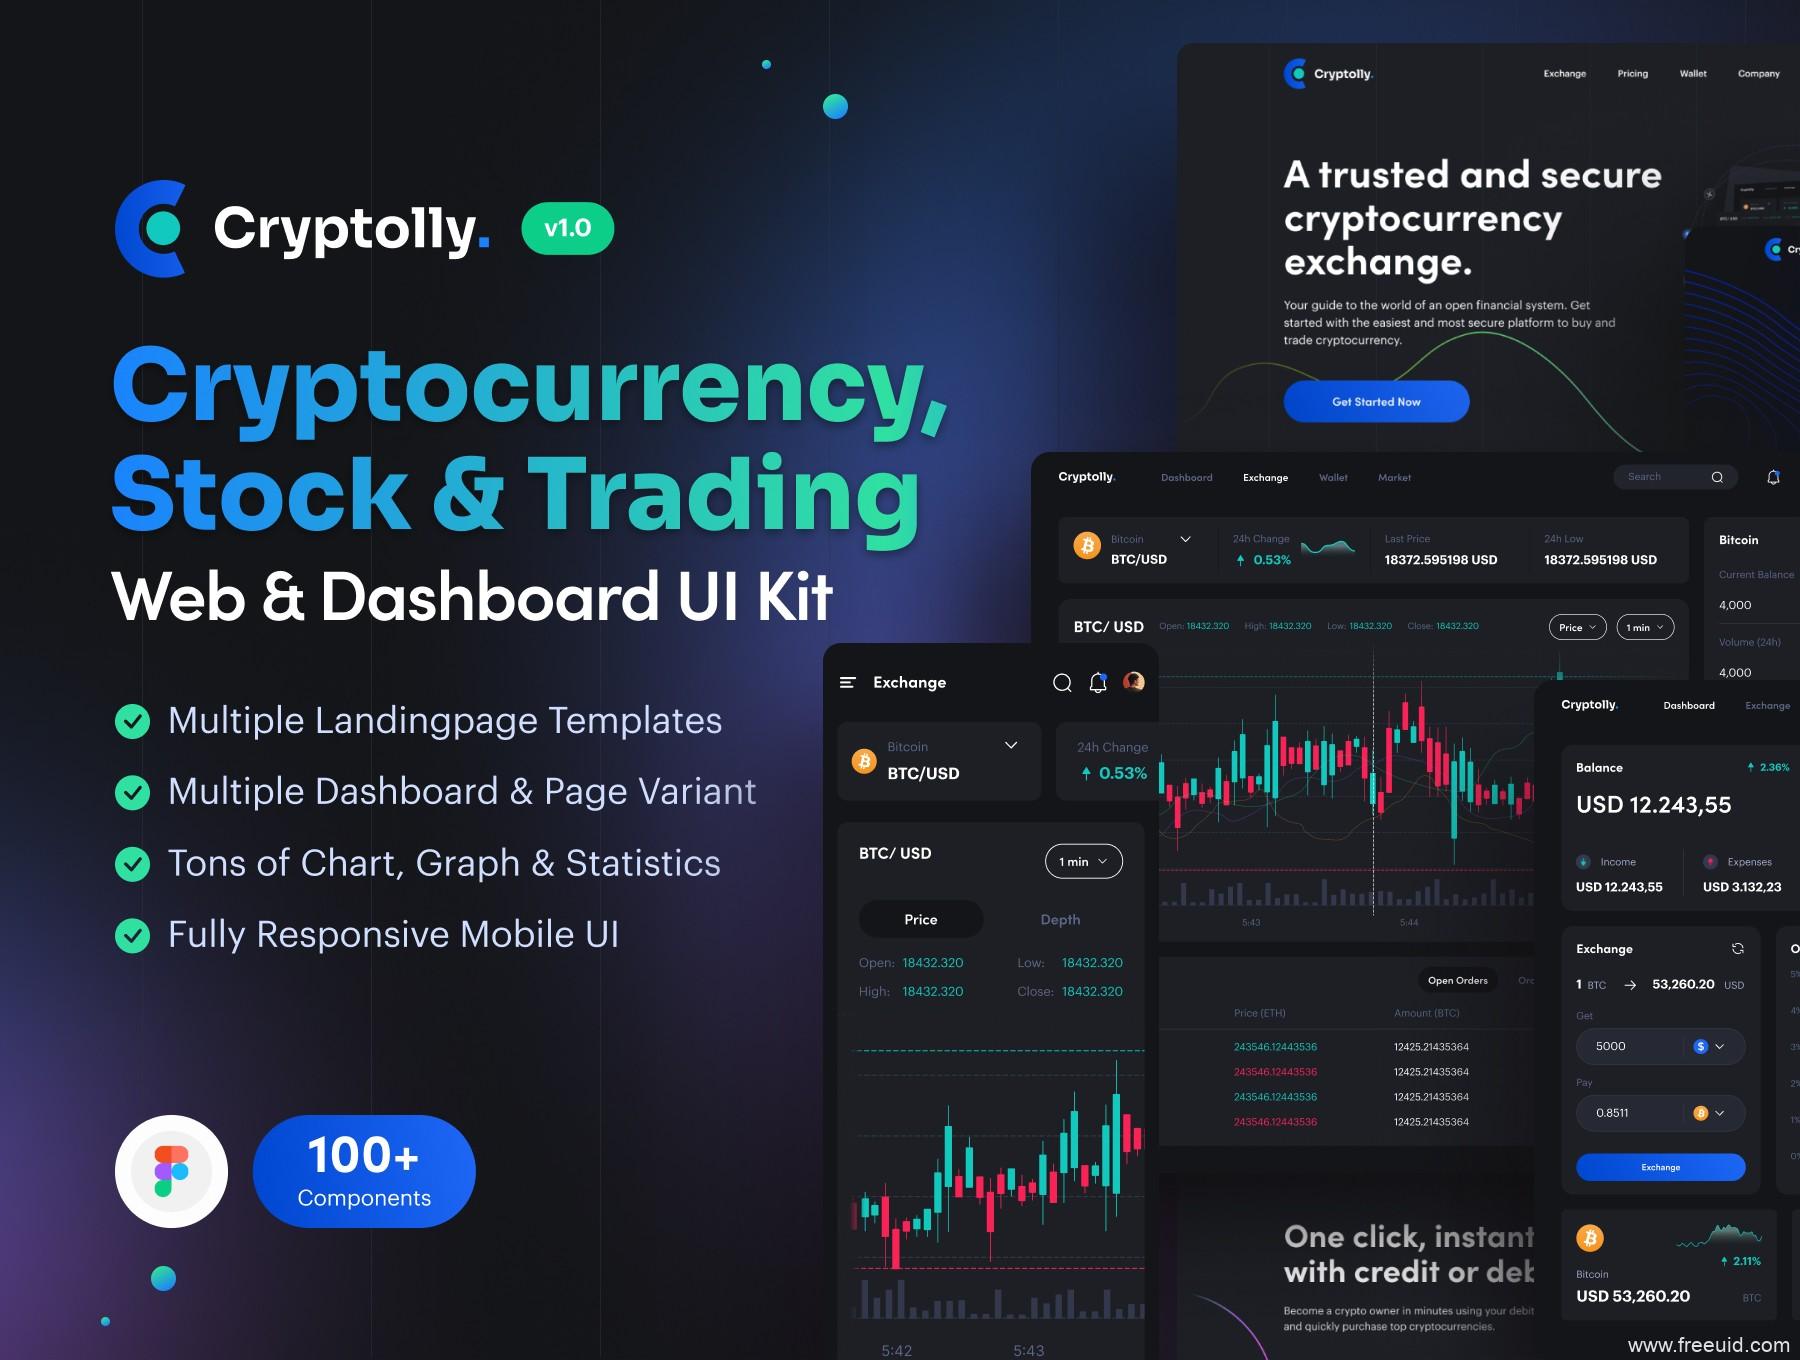 最新加密货币区块链UI kit套装下载,暗色区块链交易所平台UI源文件下载